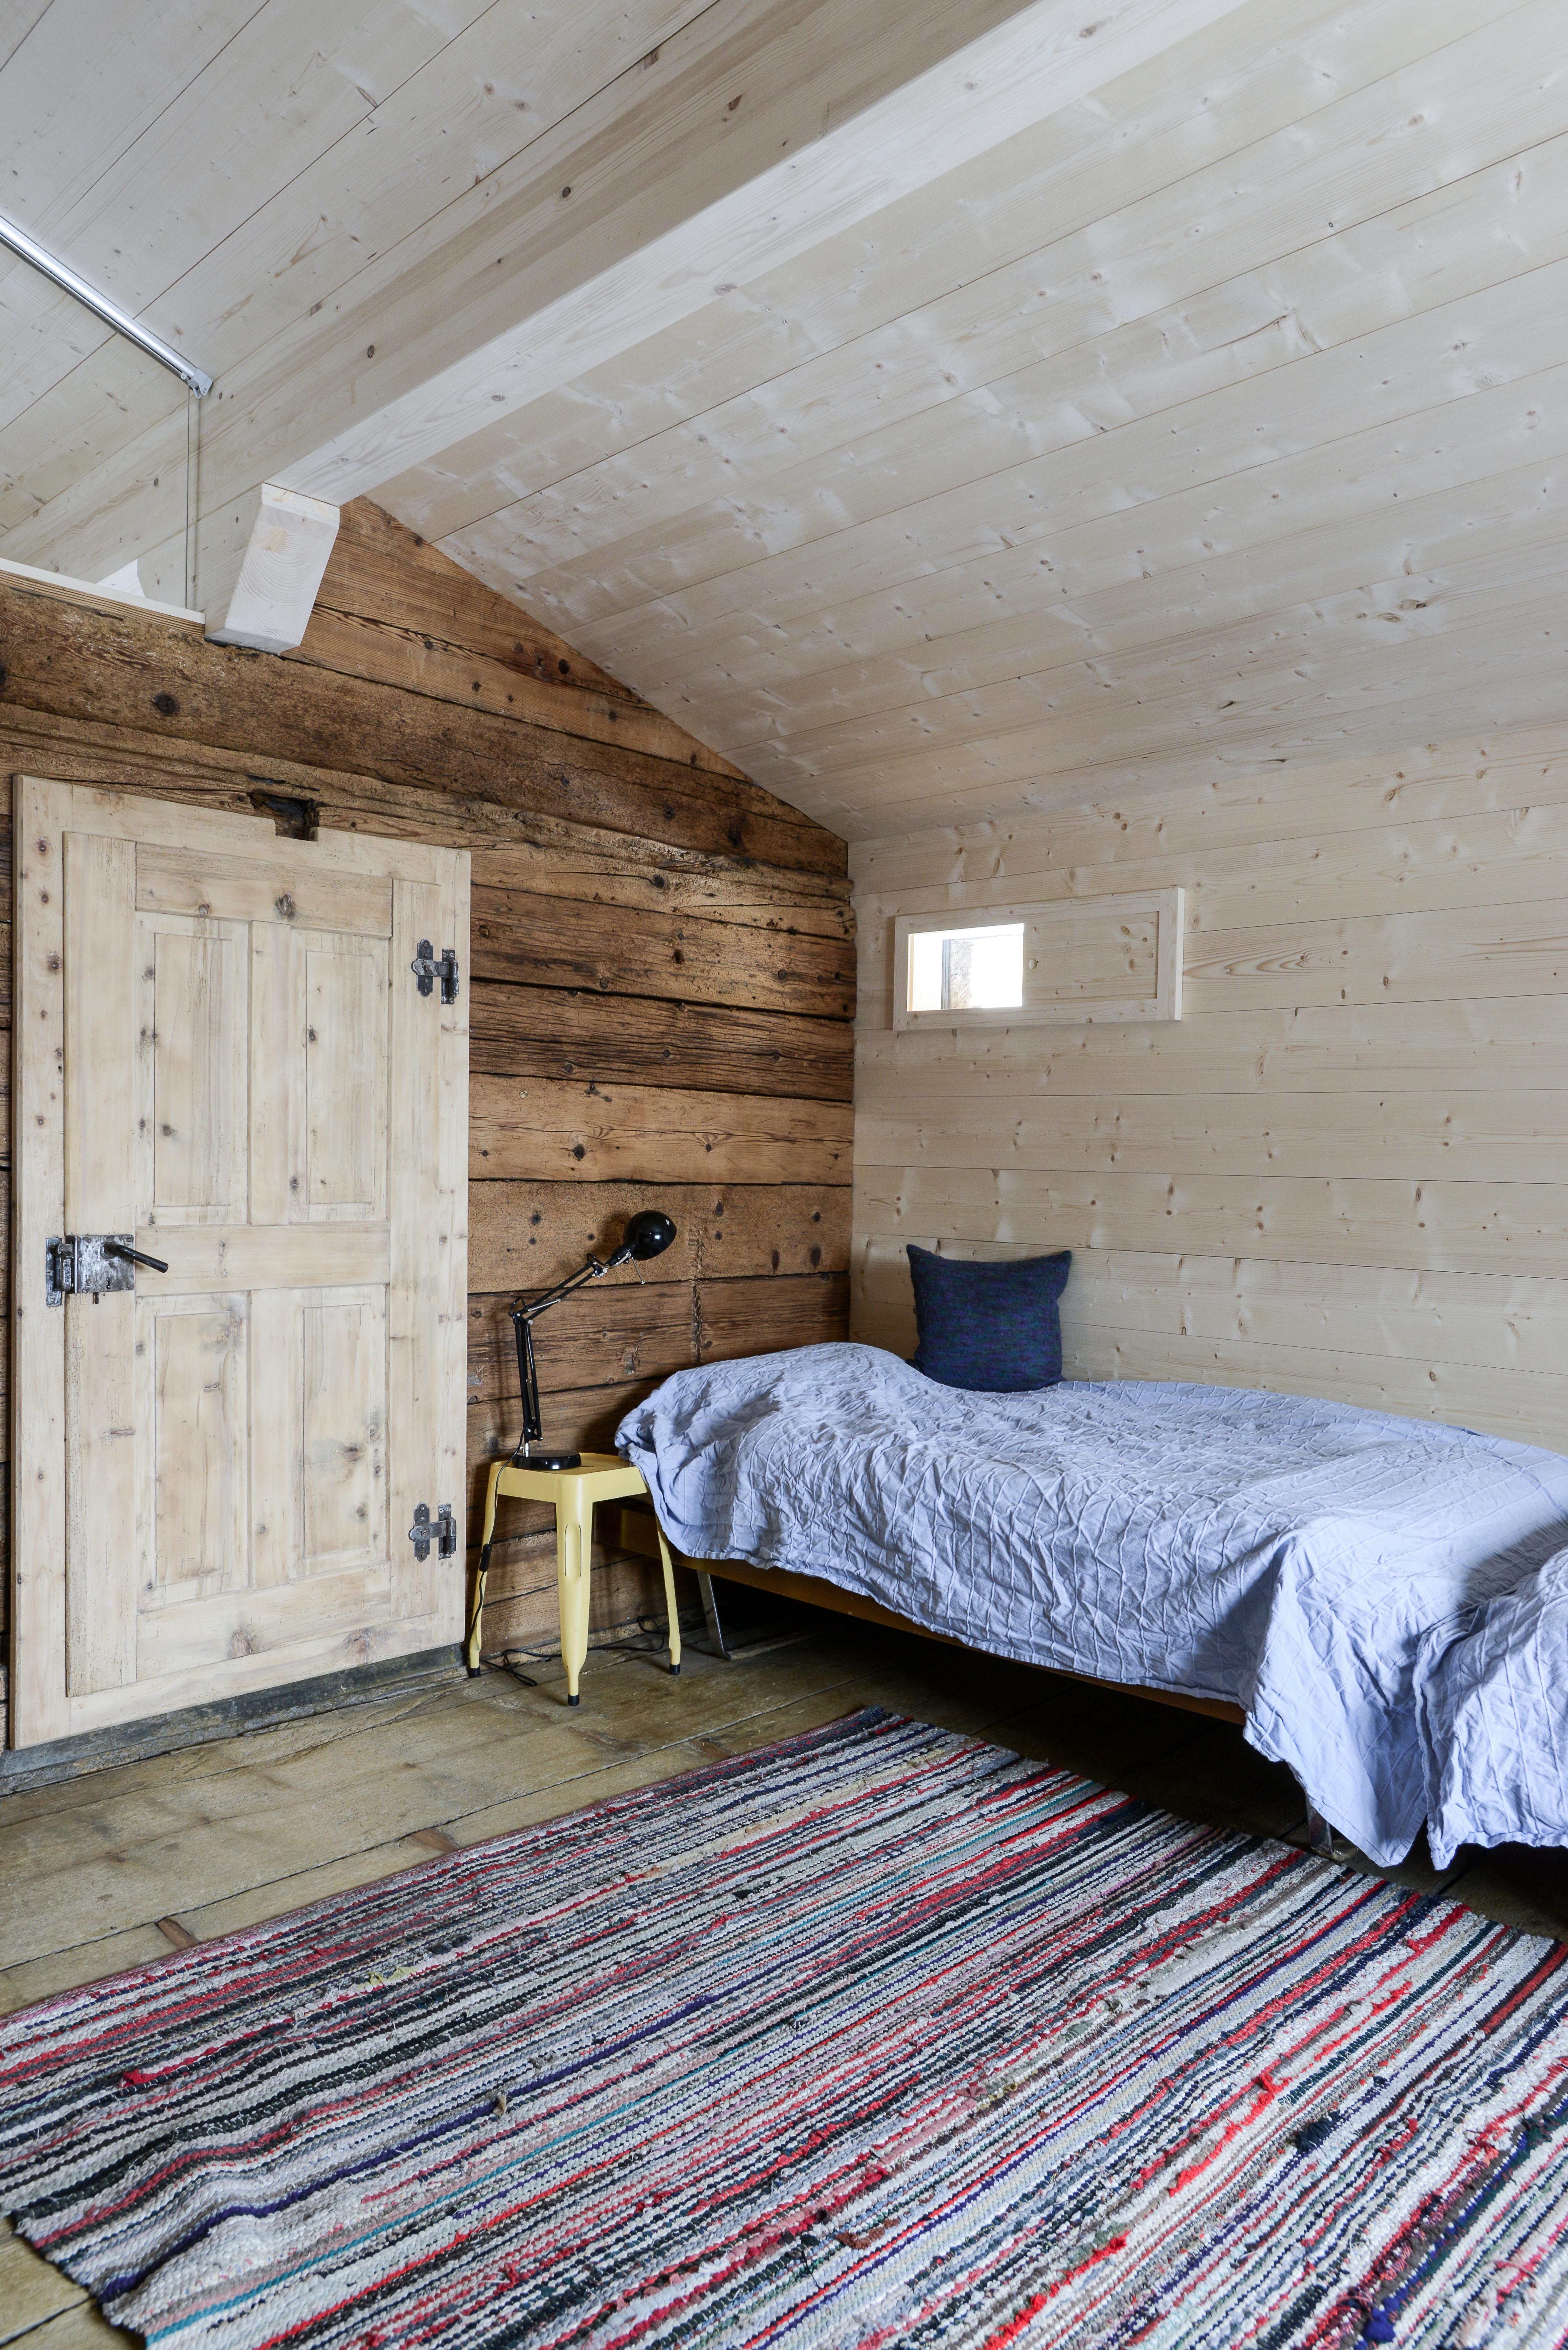 Chalet mountain strickbau nordische fichte schlafzimmer kinderzimmer villa vella - Schlafzimmer kinderzimmer ...